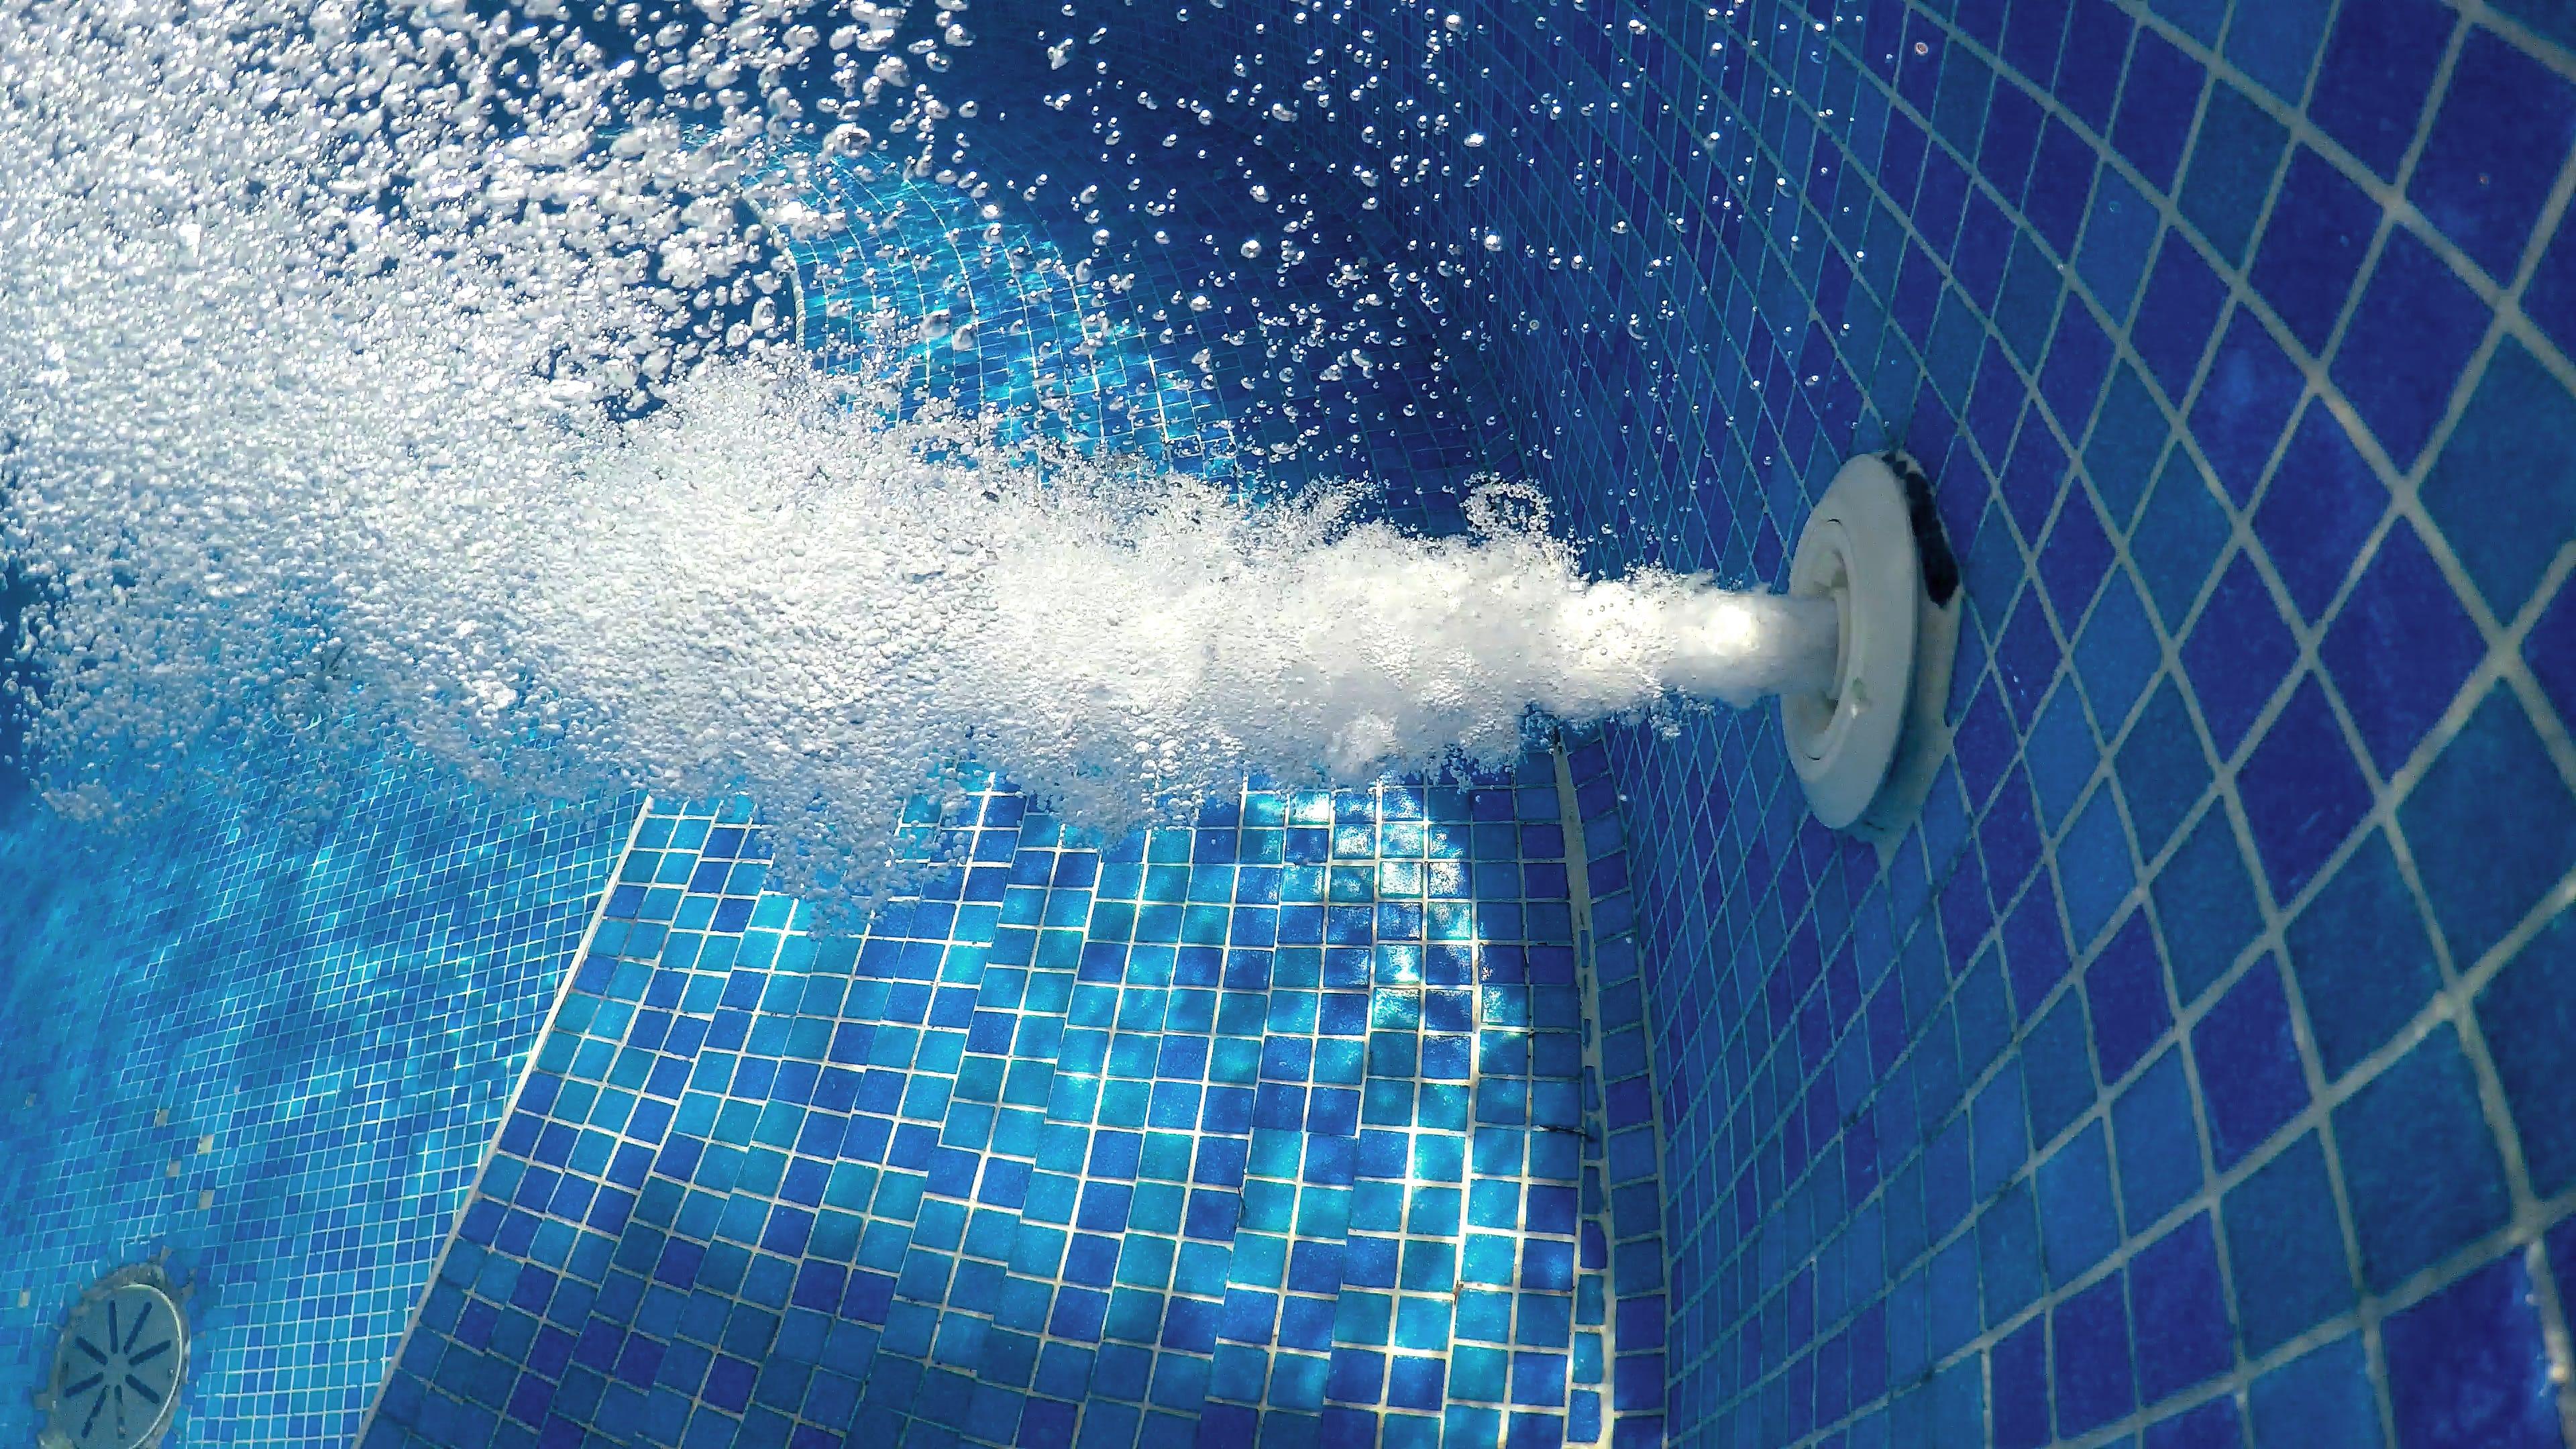 Şase lucruri despre piscină şi jacuzzi pe care trebuie să le ştii